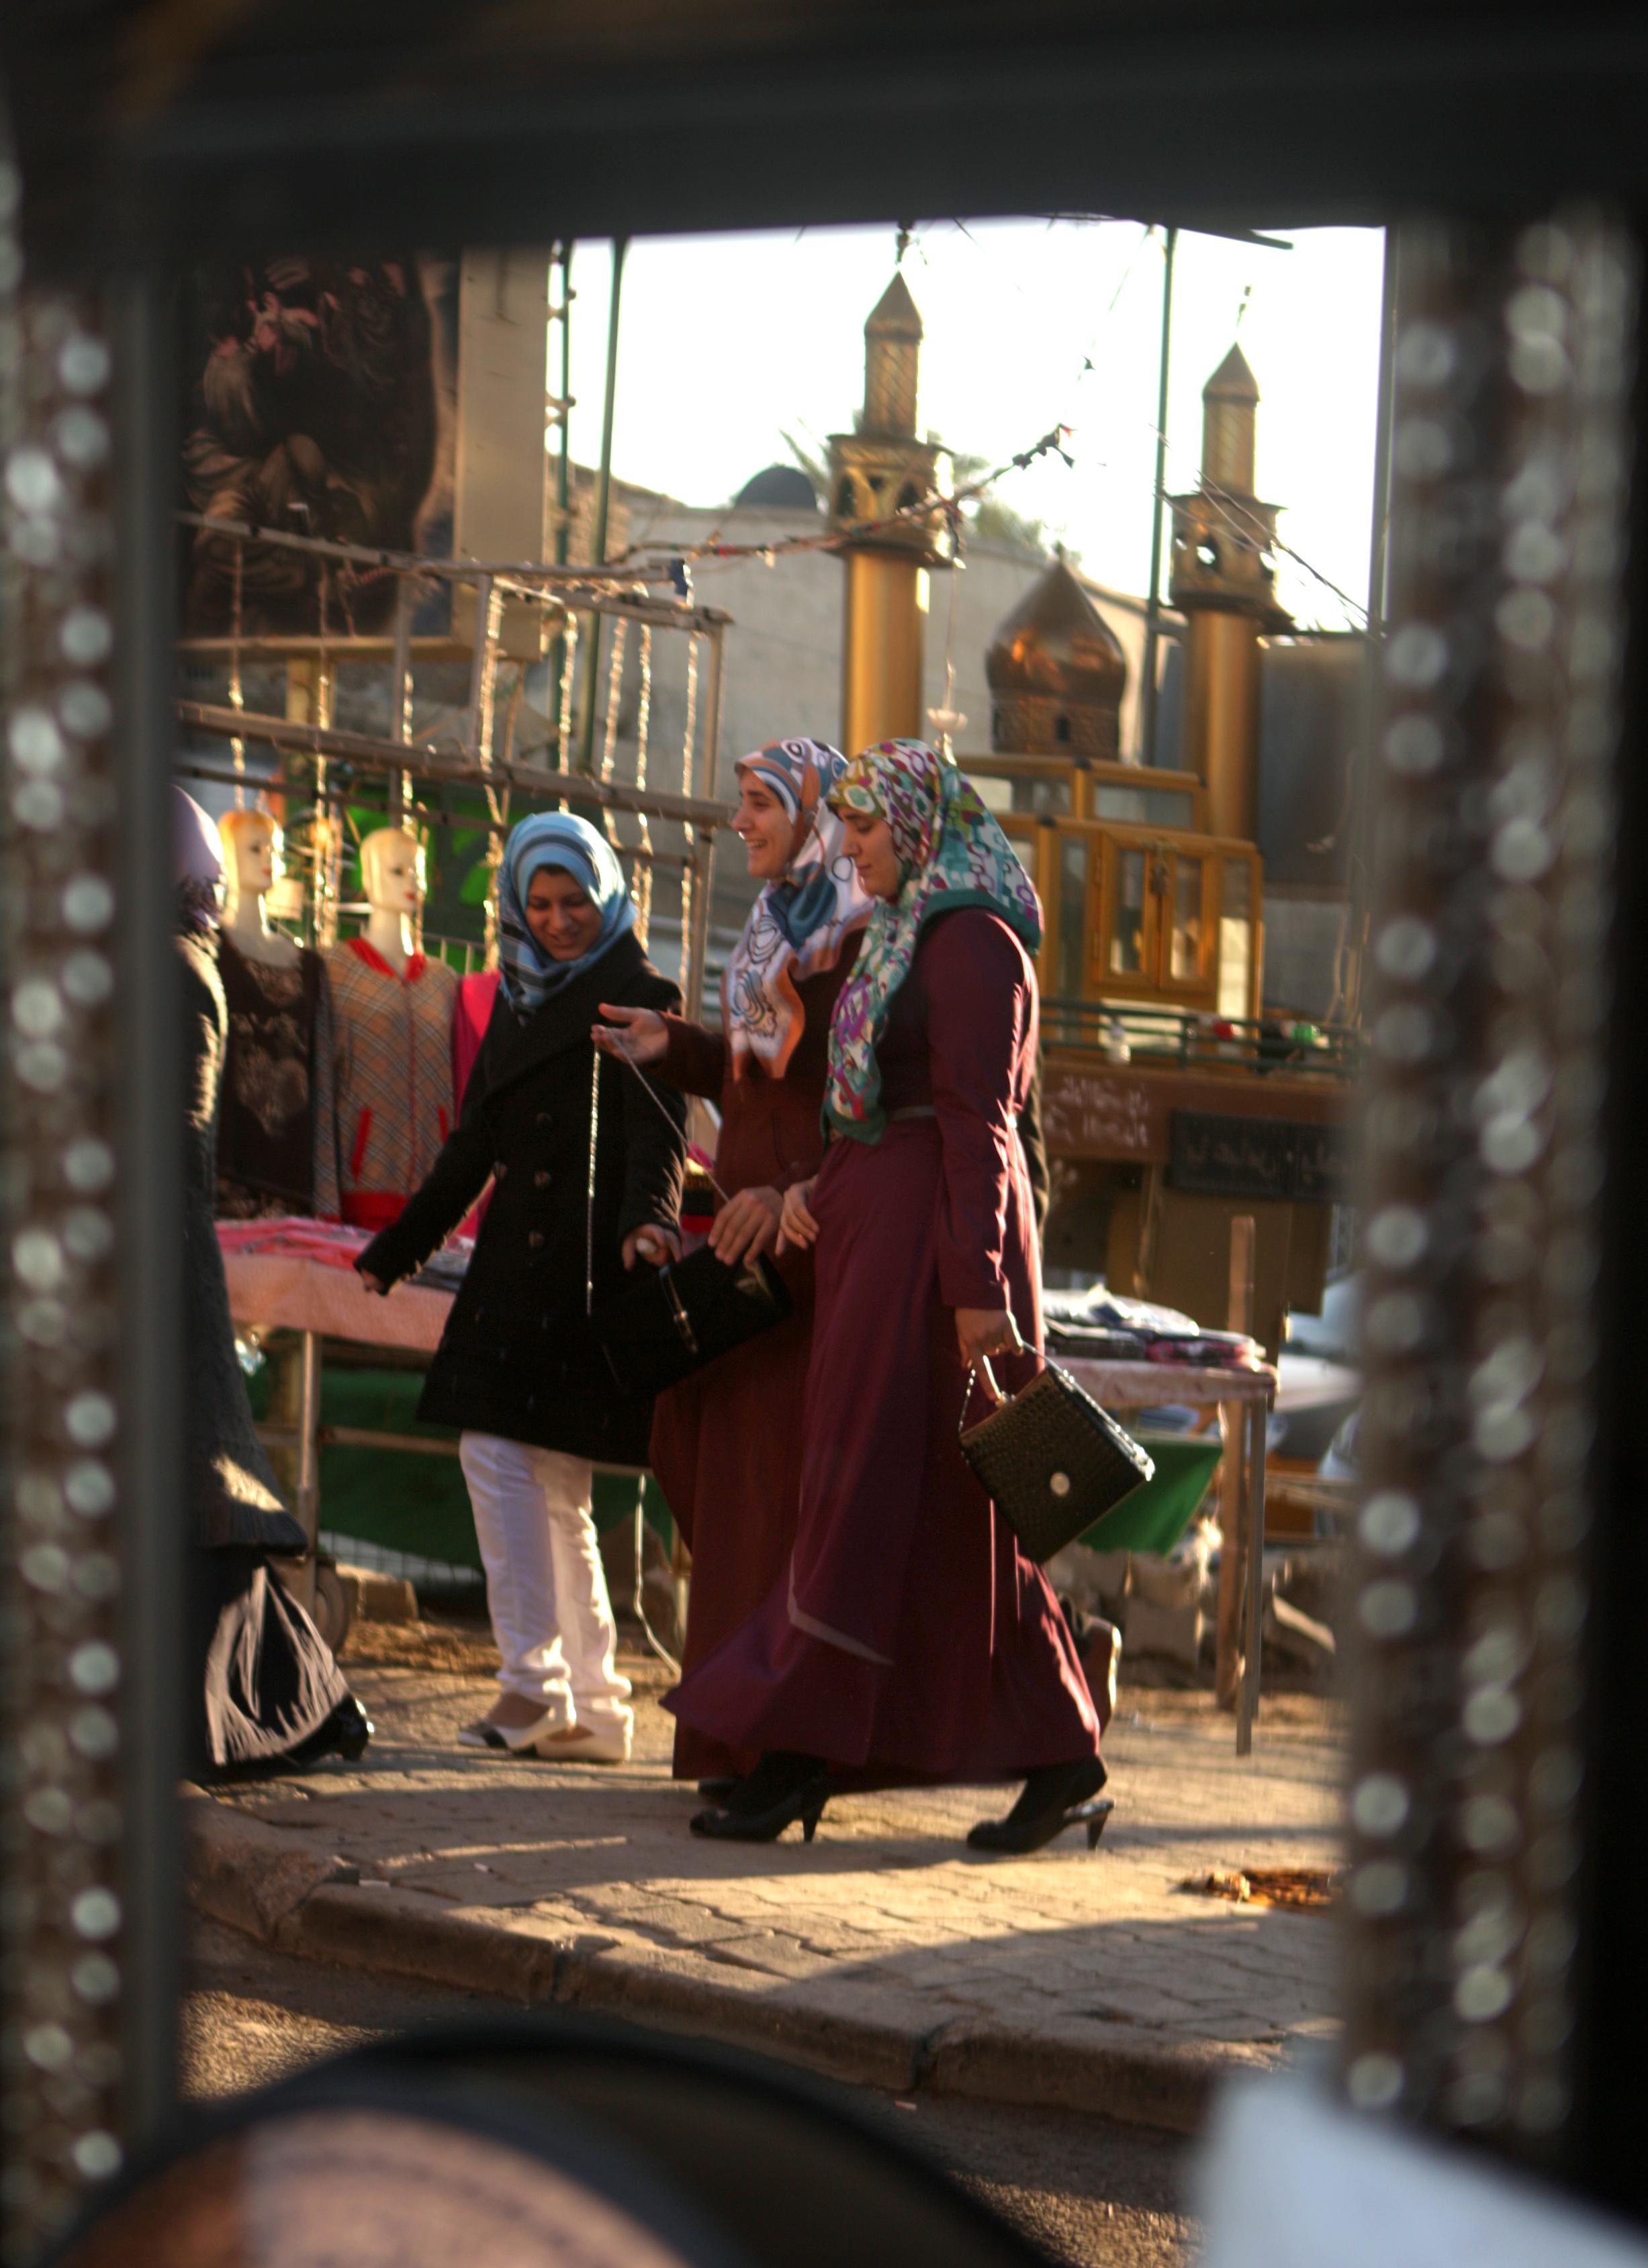 سيدات عراقيات في العاصمة بغداد